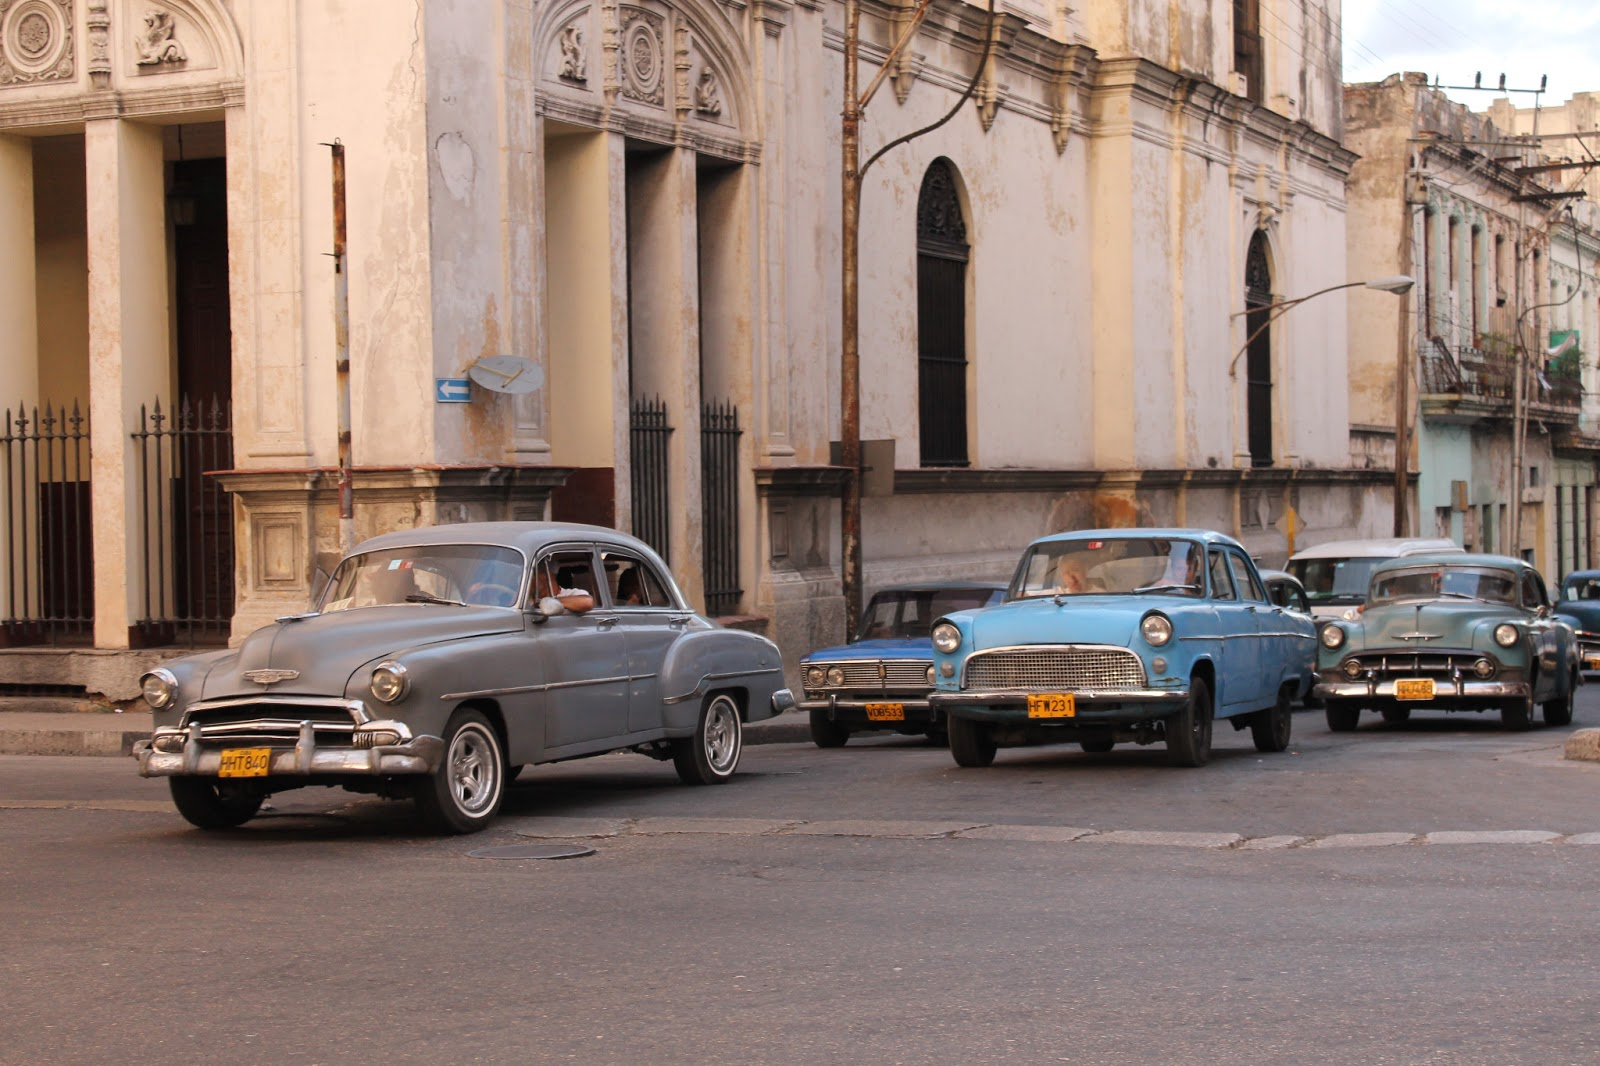 Go Global : Is Havana, Cuba on your travel list?